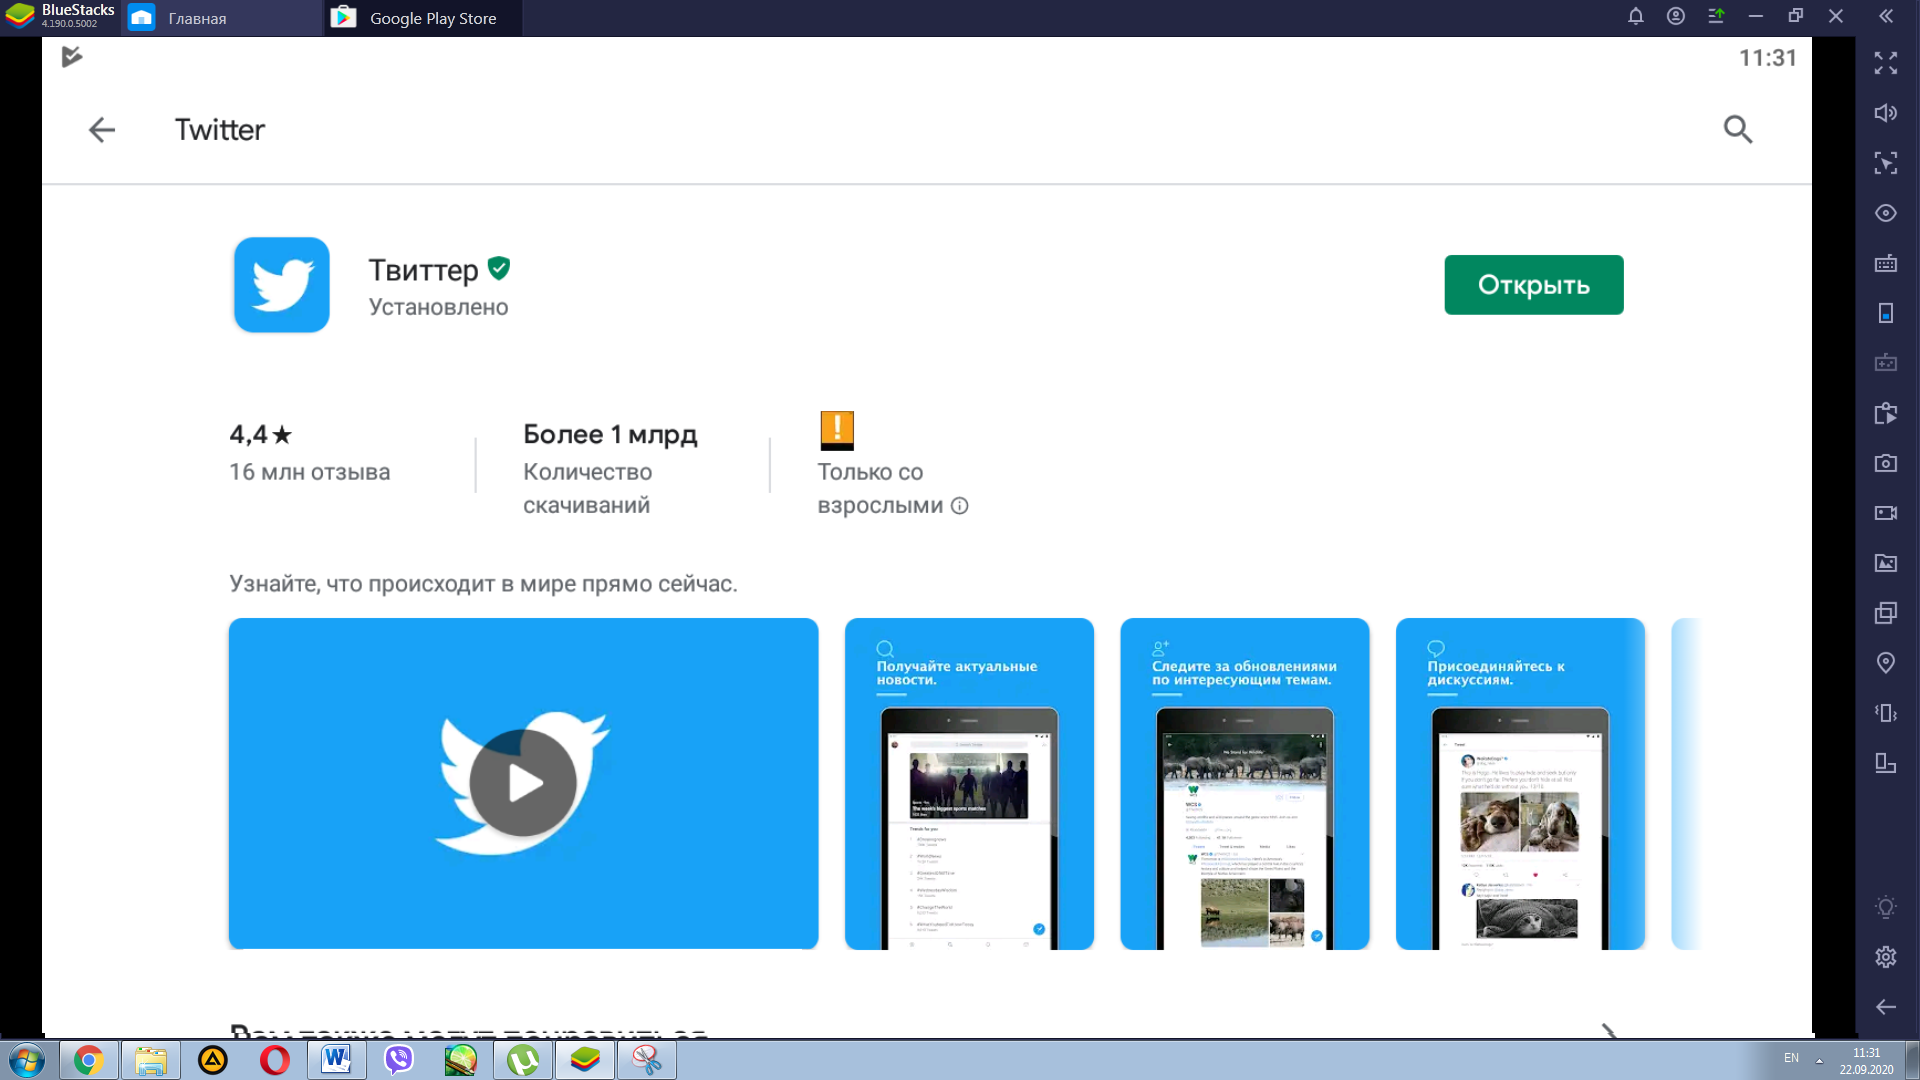 Открыть Twitter в Google Play